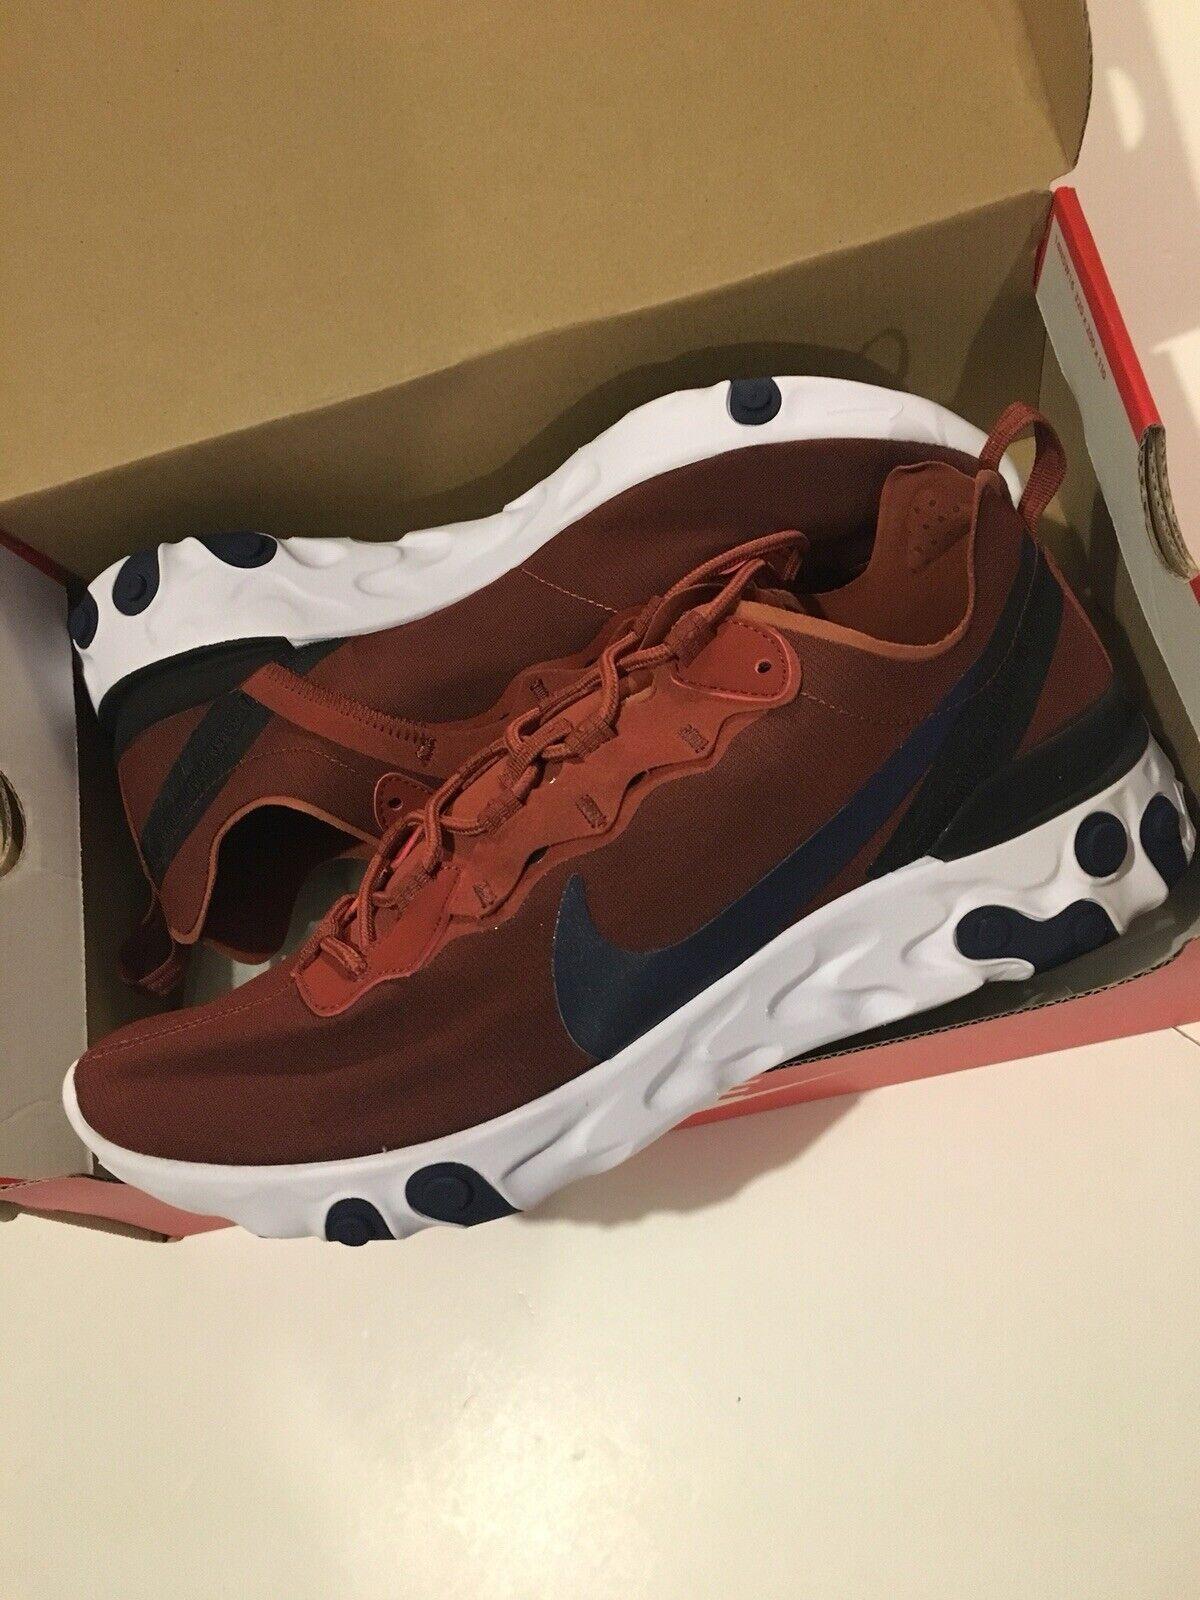 Nike React Element 55 Mars Pierre Entièrement neuf dans sa boîte (UK 6 us 7) rouge bordeaux bleu marine homme 87